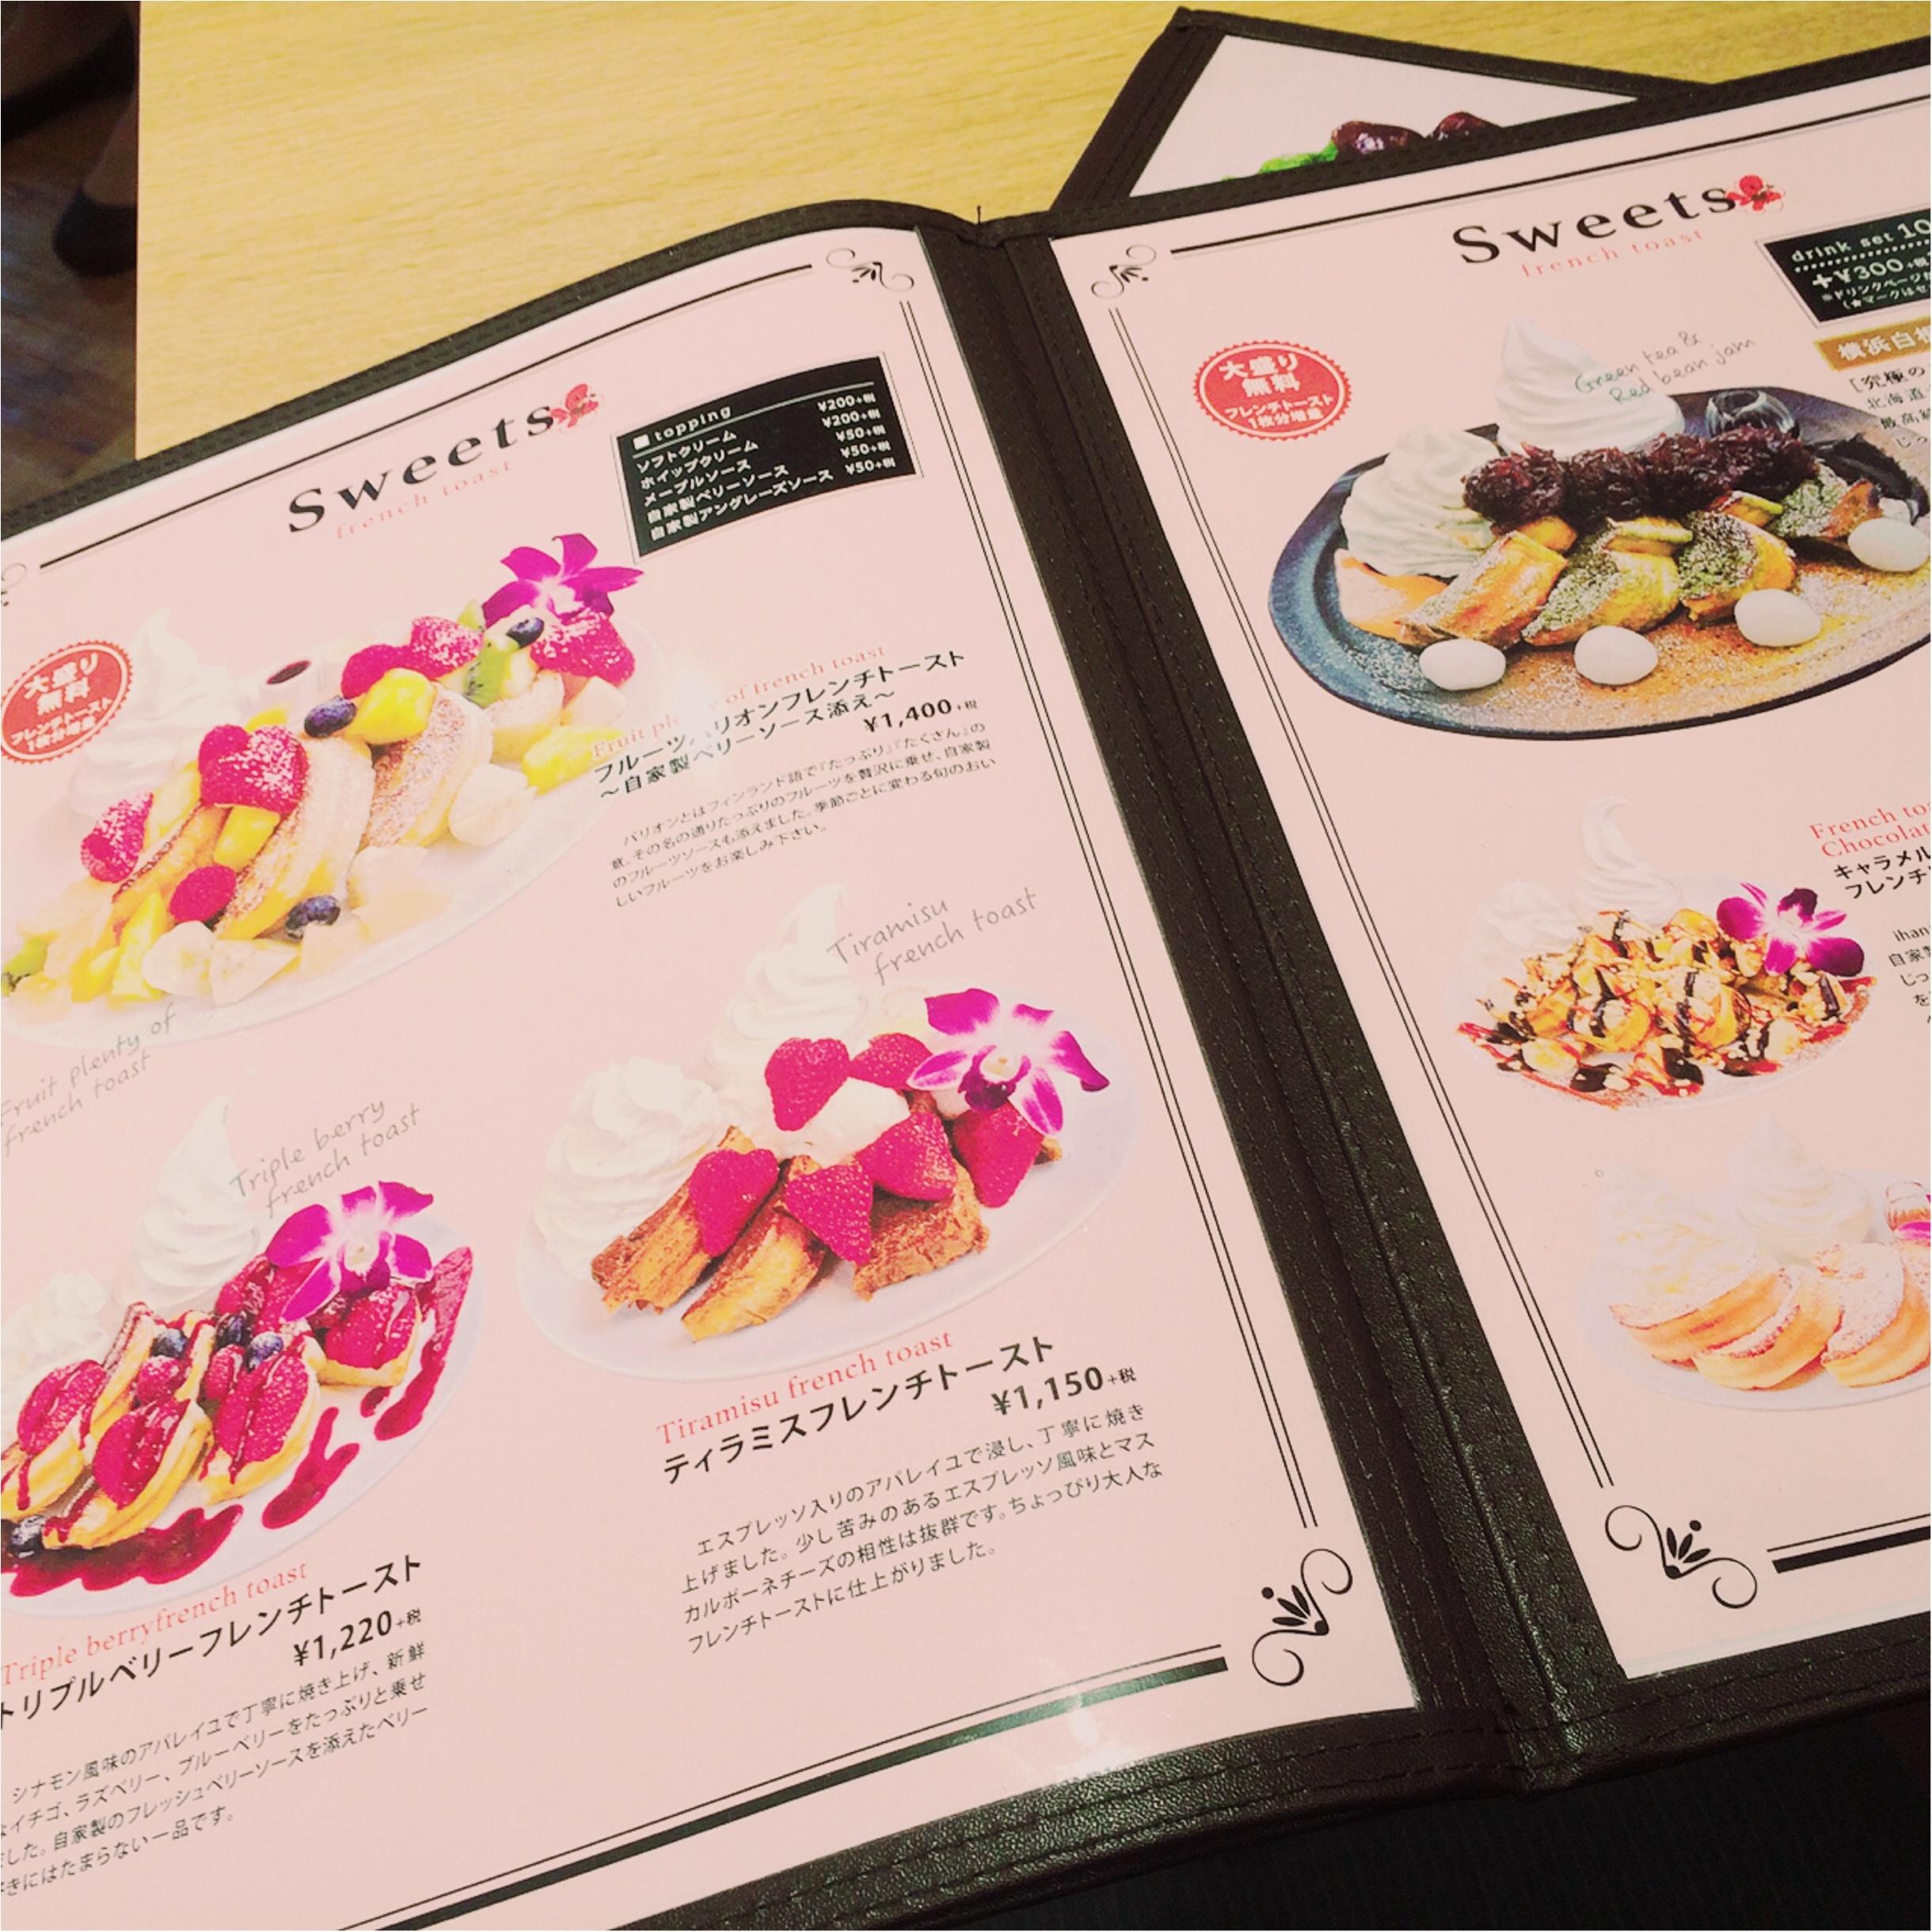 ★読めば絶対食べたくなる♡名古屋に来たら迷わず寄って欲しい、フレンチトースト専門店★_9